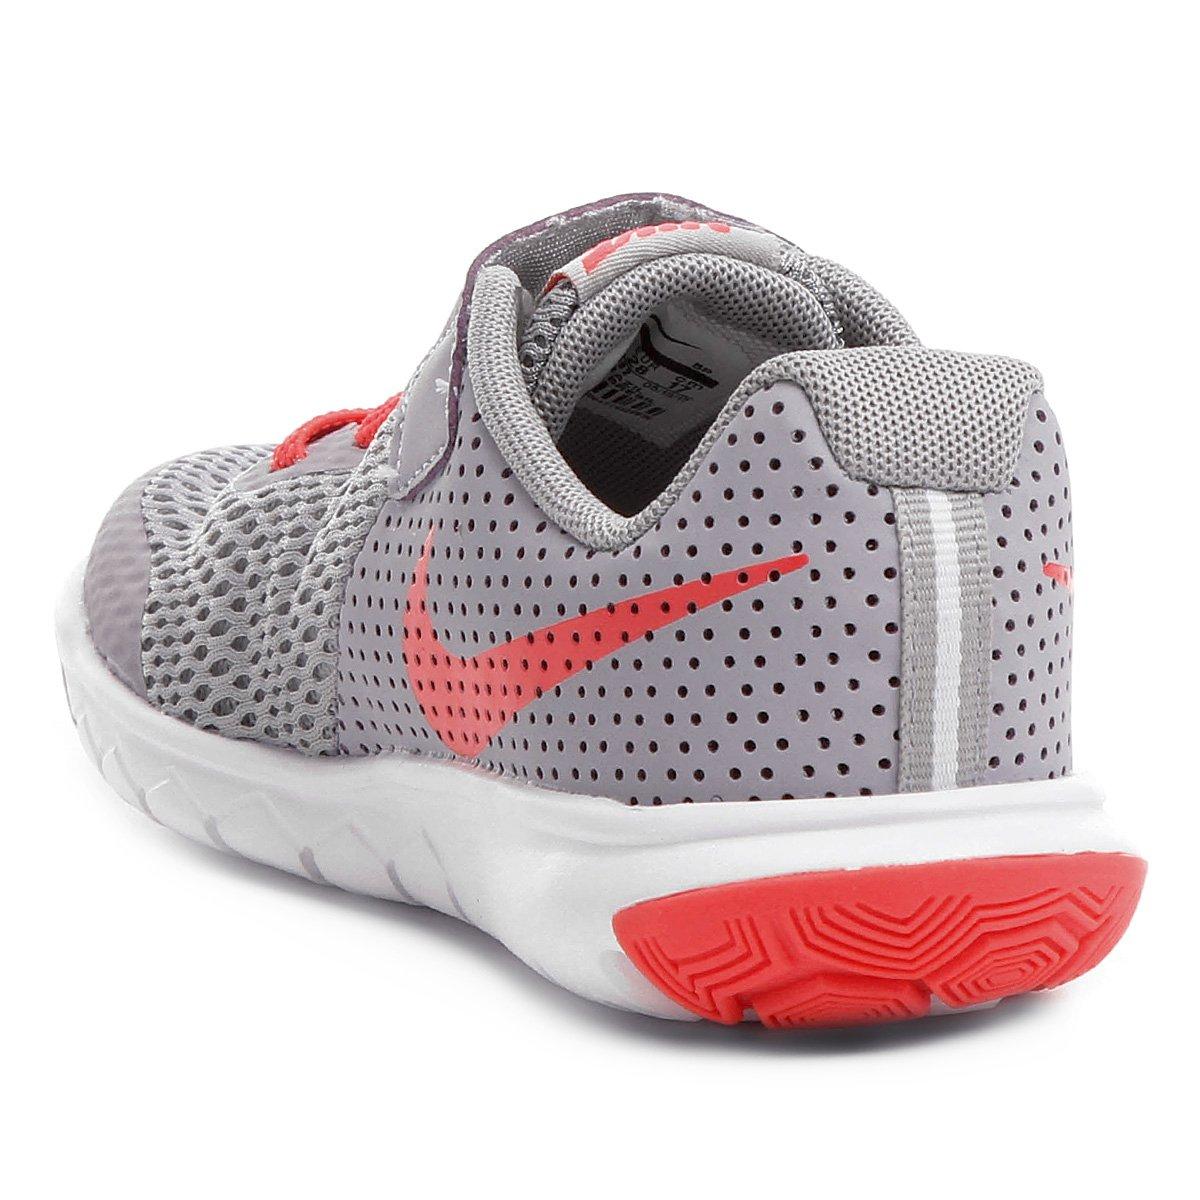 Tênis Infantil Nike Flex Experience 5 Feminino - Compre Agora  978869ab55fec